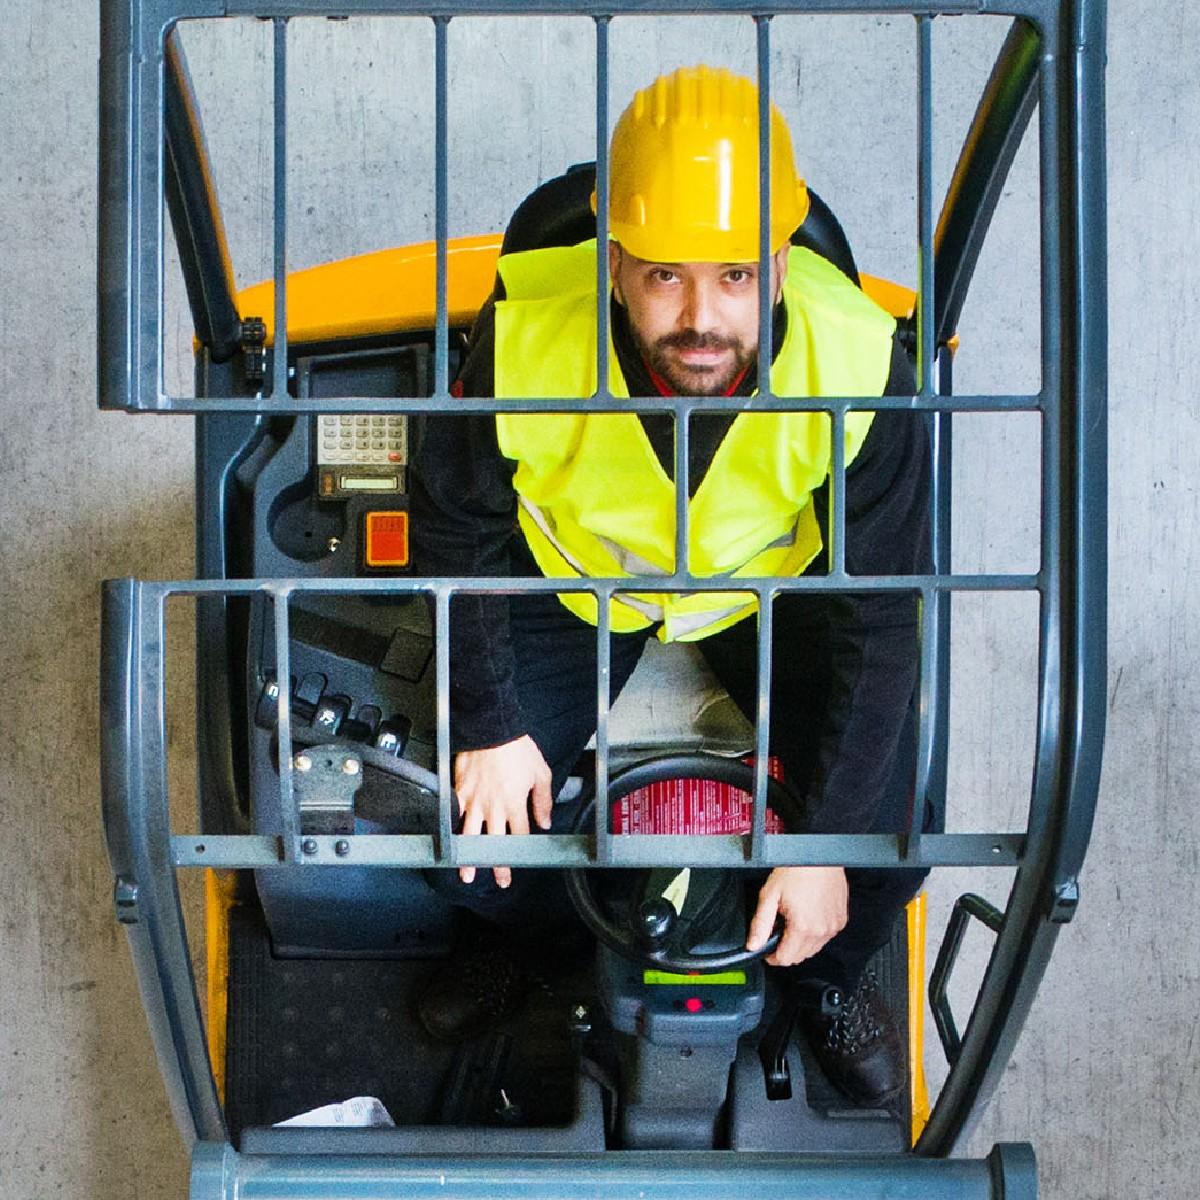 Wil jij aan de slag bij de nummer 1 van logistiek in Nederland én meegroeien als Heftruckchauffeur bij DSV?   Solliciteer dan nu via https://t.co/oRbAYQq1sz   #dsv #vacatures #humanresources #careers #transport #hiring #moveforward #moerdijk #jobs https://t.co/qWYZhyFGfG